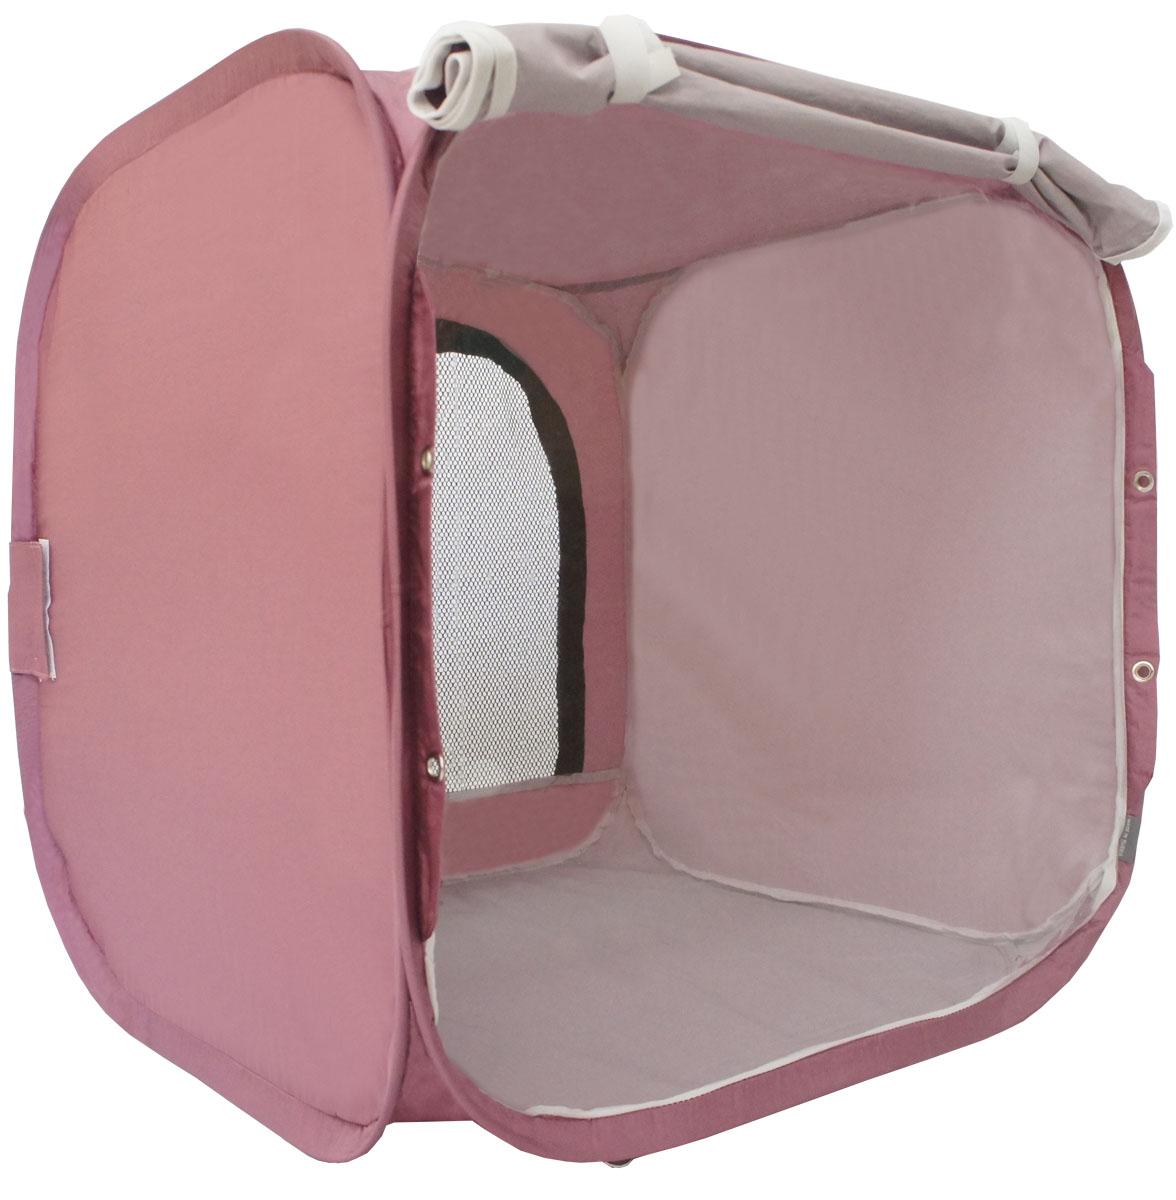 Палатка для выставки животных Шоу-Петс, цвет: бордовый, 60 х 60 х 60 см. ПВЛ1БПВЛ1БПалатка Шоу-Петс разработана профессиональными заводчиками для тех, кто хочет перемещаться и выставляться со своими питомцами легко и комфортно.Палатка разворачивается и сворачивается за 30 секунд. Экран палатки выполнен из суперпрозрачной пленки, шторка по желанию может опускаться и полностью закрывать экран от взглядов посетителей выставки.Палатка сворачивается восьмеркой в компактный блинчик и убирается в компрессионный чехол (в комплекте).Также в комплекте к палатке предусмотрены ремни для крепления к столу, ими удобно фиксировать палатку в поезде на верхней полке или в машине.Со стороны заводчика расположен большой удобный вход в палатку на молнии, бегунки молнии фиксируются крепежом, не позволяющим животному самостоятельно открыть вход и выбраться из палатки.В скрученном виде палатка практически не занимает места в багаже и не ощущается по весу. Данный размер палатки предназначен для комфортного размещения на выставке одного животного среднего размера.Материал палатки очень прочный и устойчивый на разрыв.